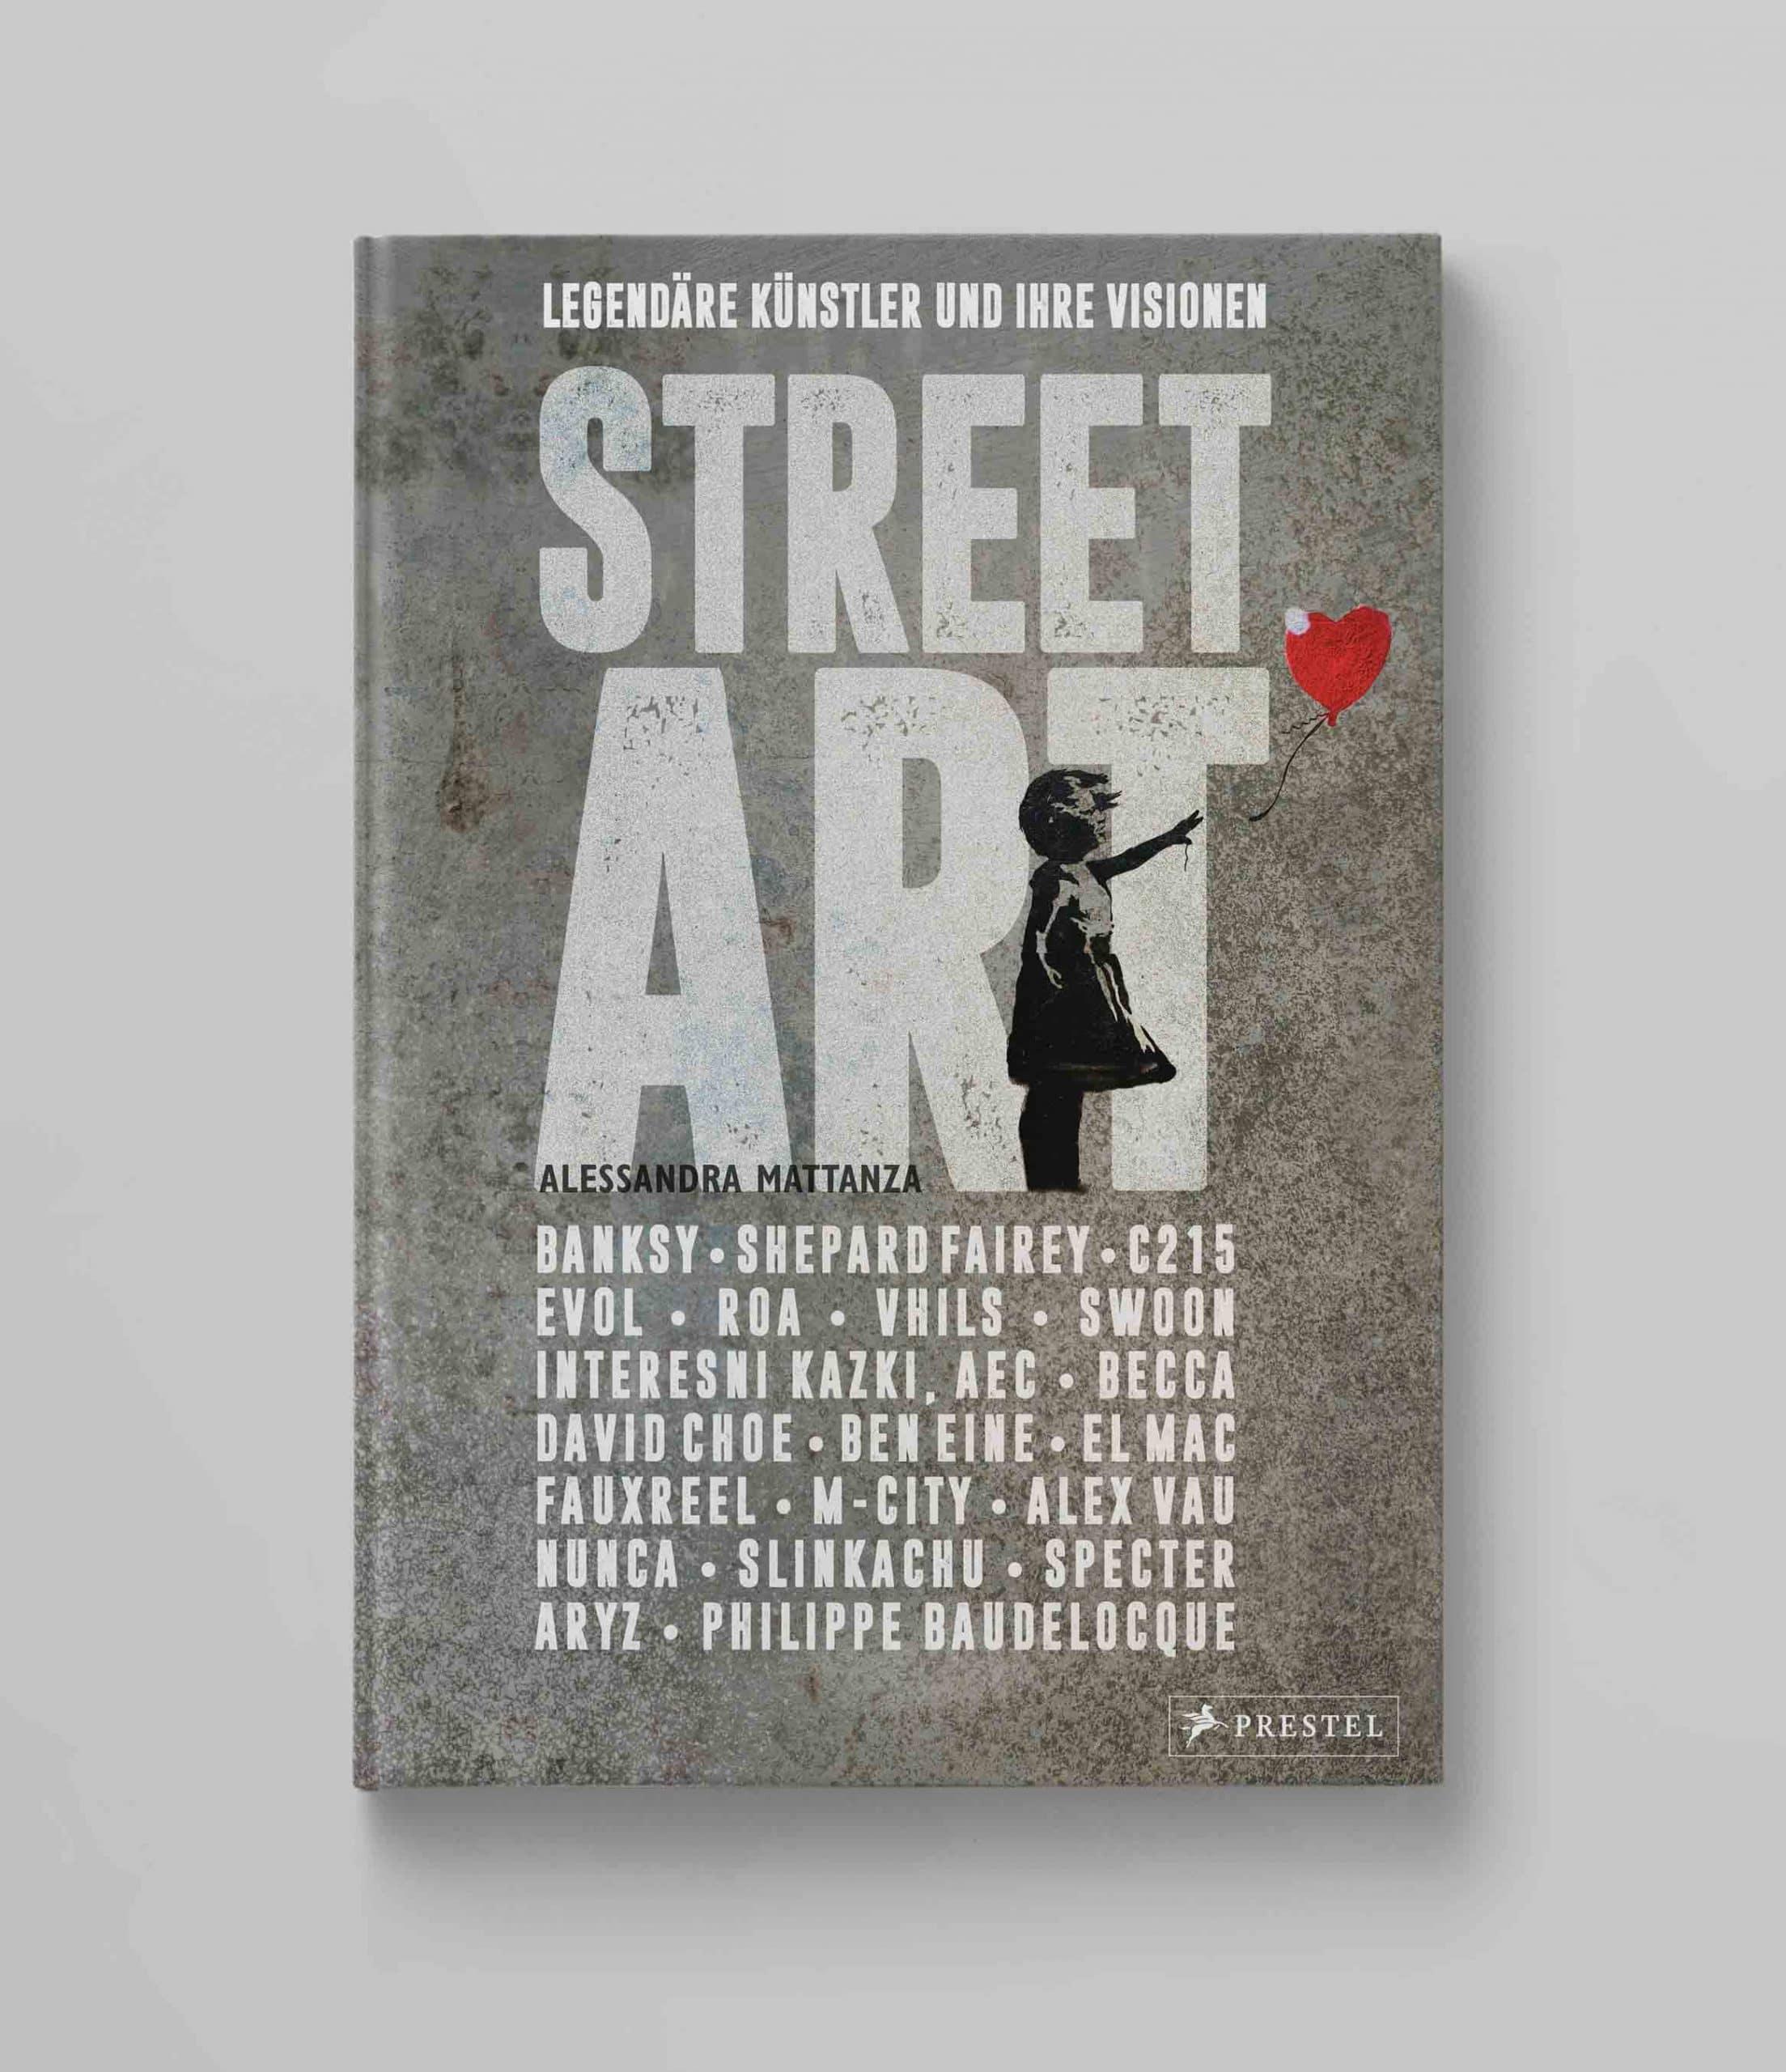 Prestel-StreetArt-CVR_02